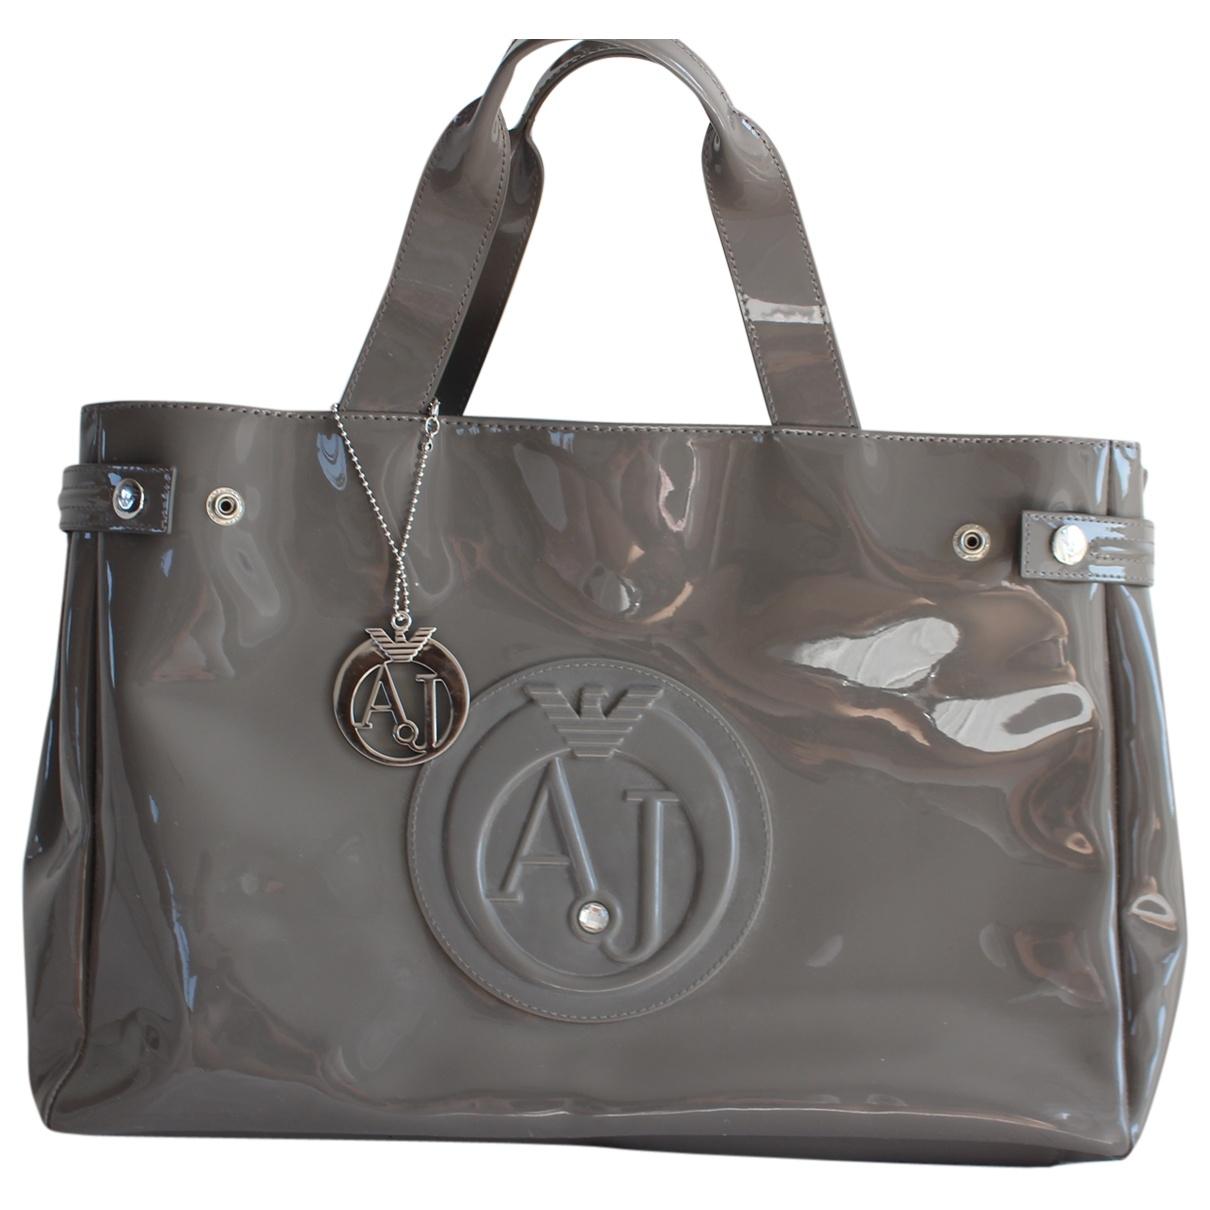 Armani Jeans \N Grey handbag for Women \N